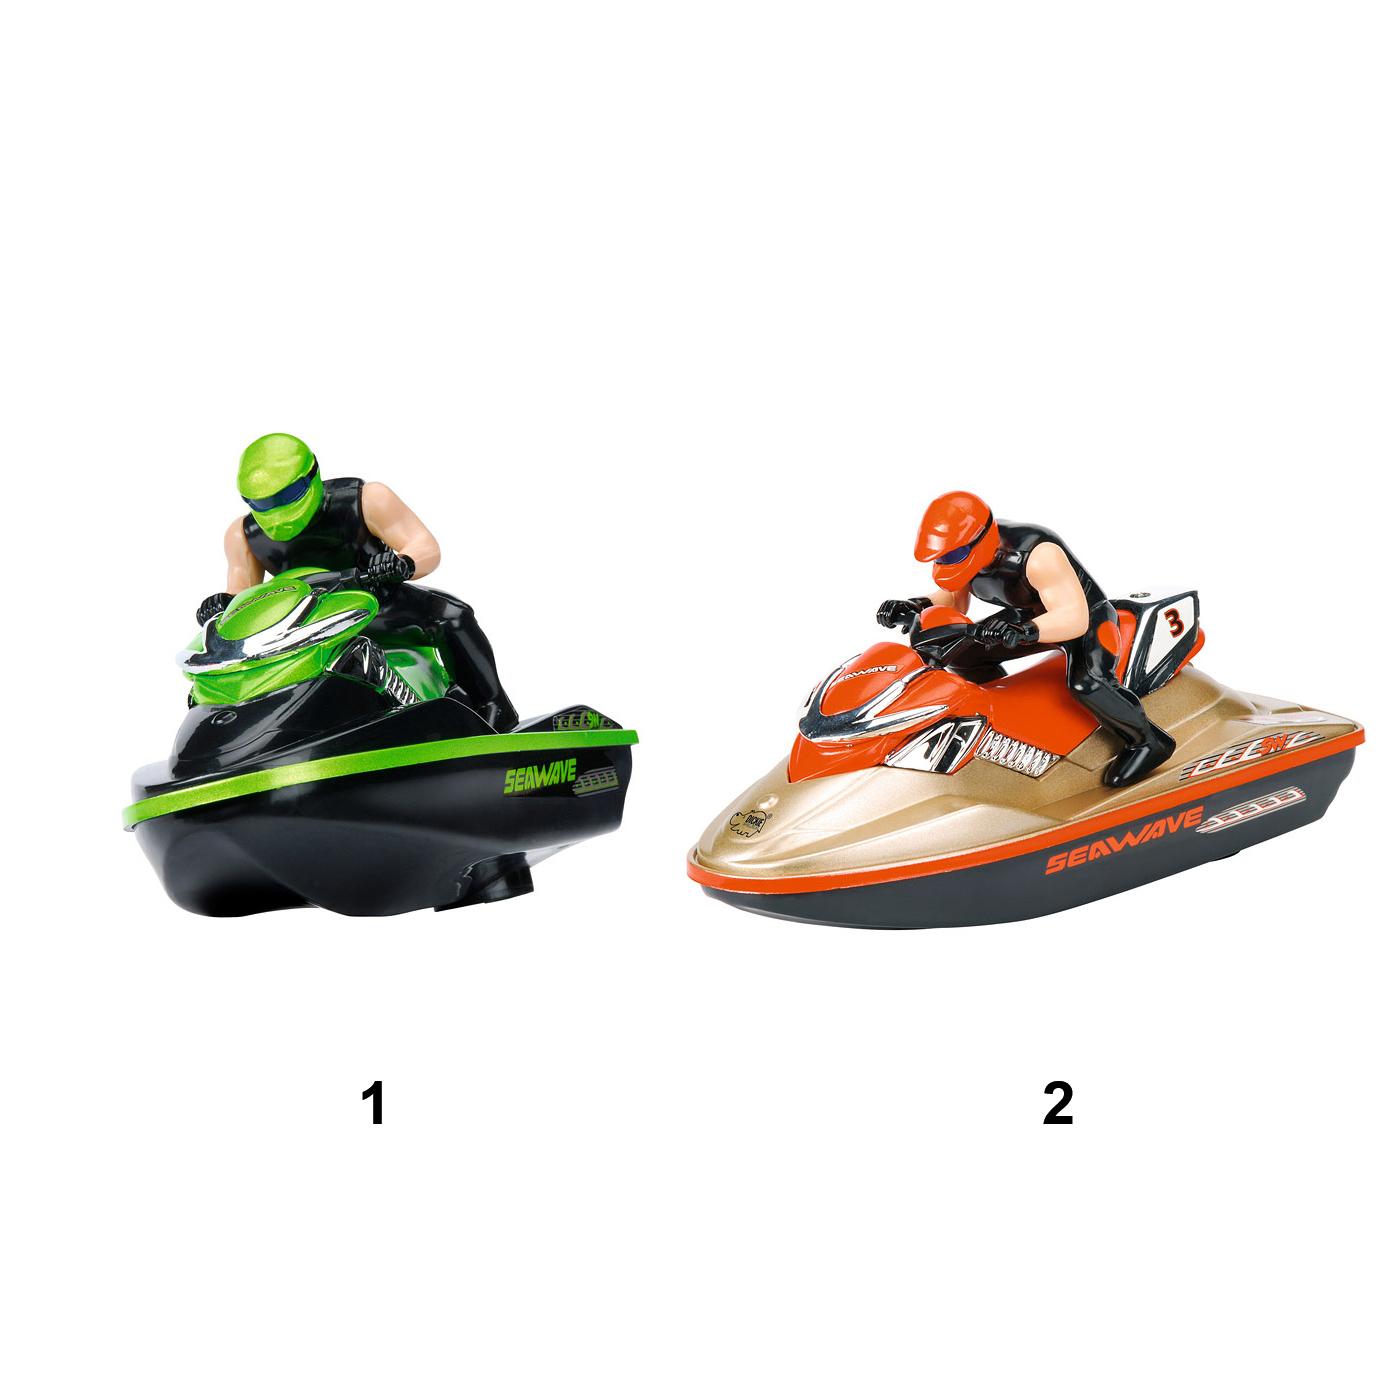 Скоростной скутер, 22 см., 2 вида